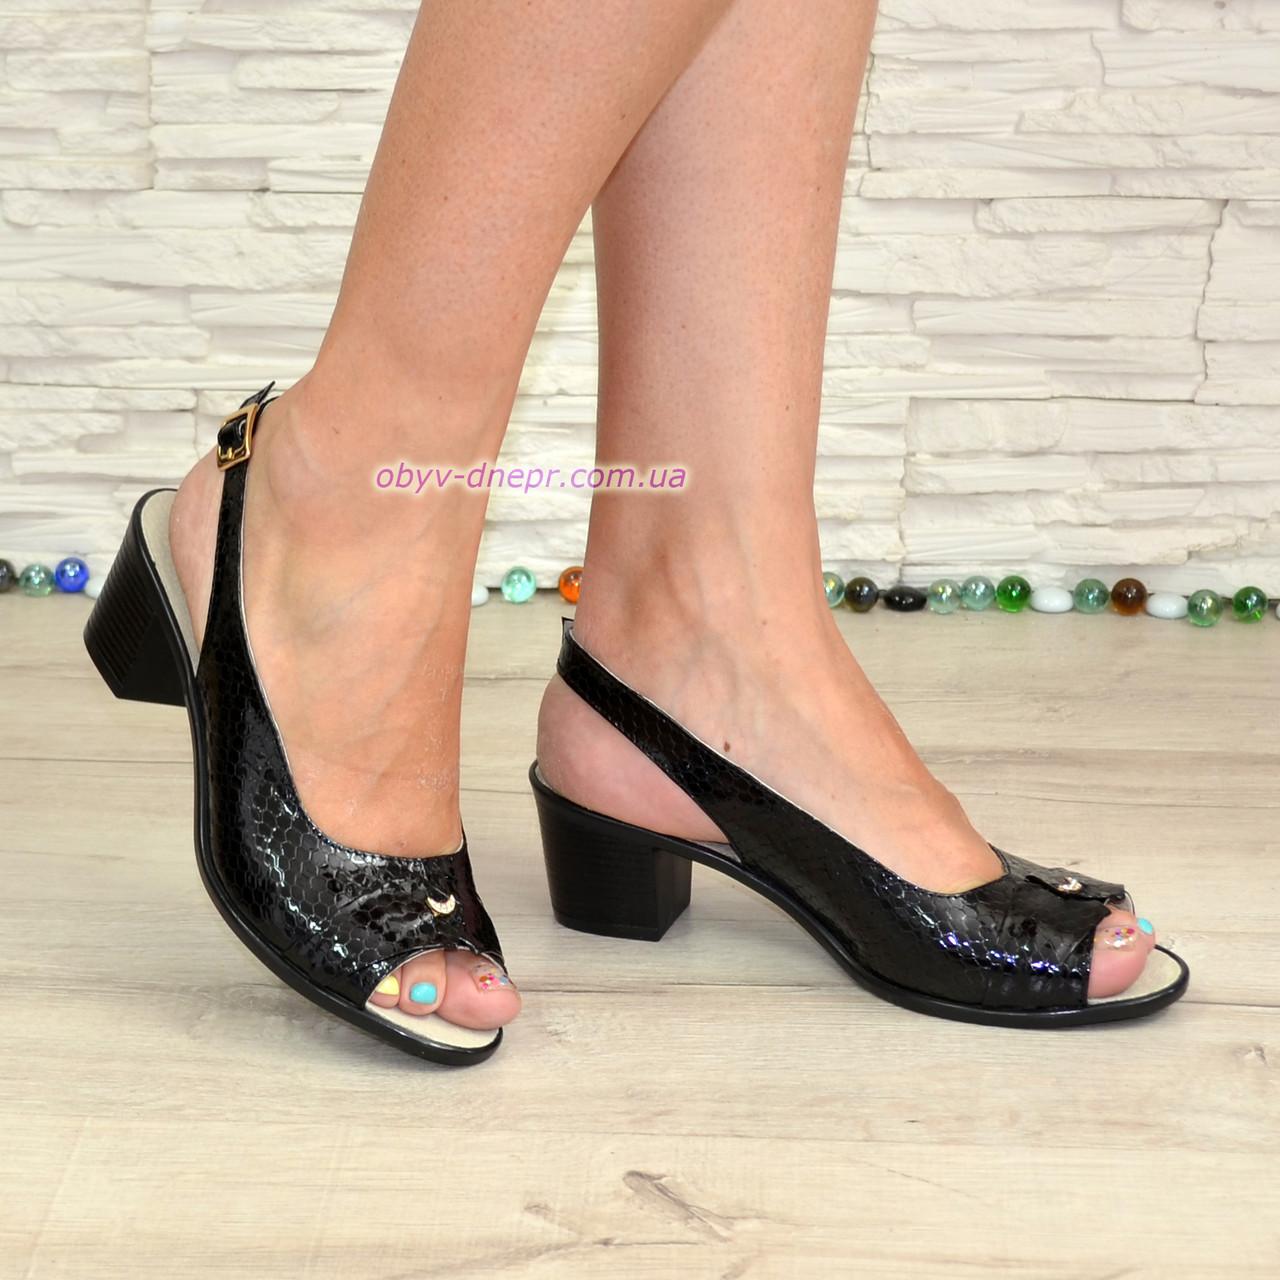 Босоножки женские кожаные на невысоком устойчивом каблуке, цвет черный